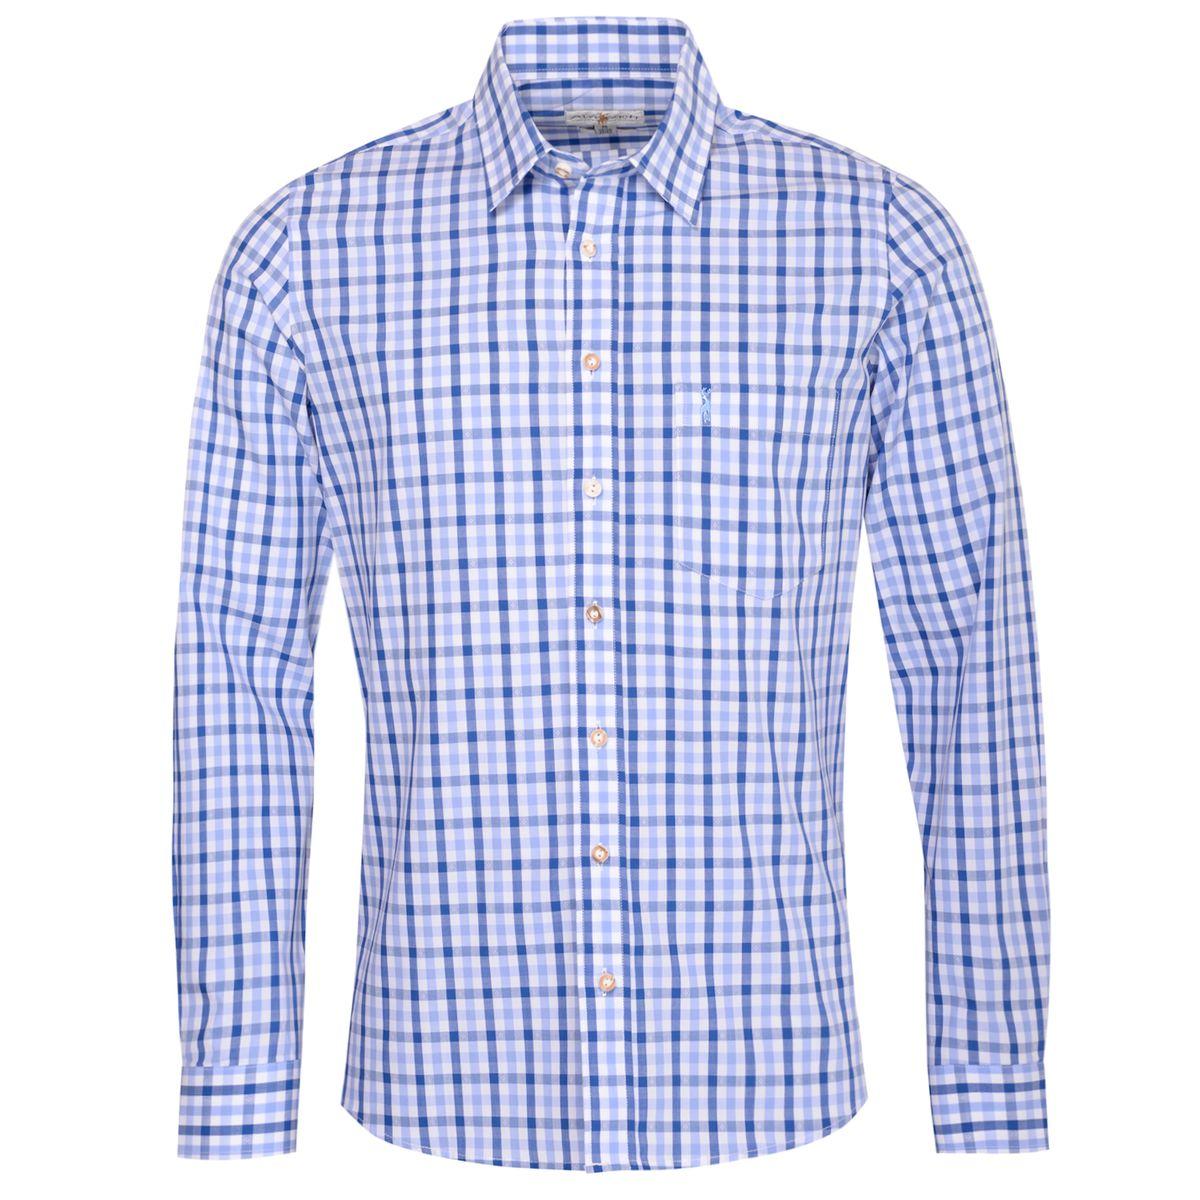 Trachtenhemd Friedolin Slim Fit zweifarbig in Hellblau und Blau von Almsach günstig online kaufen